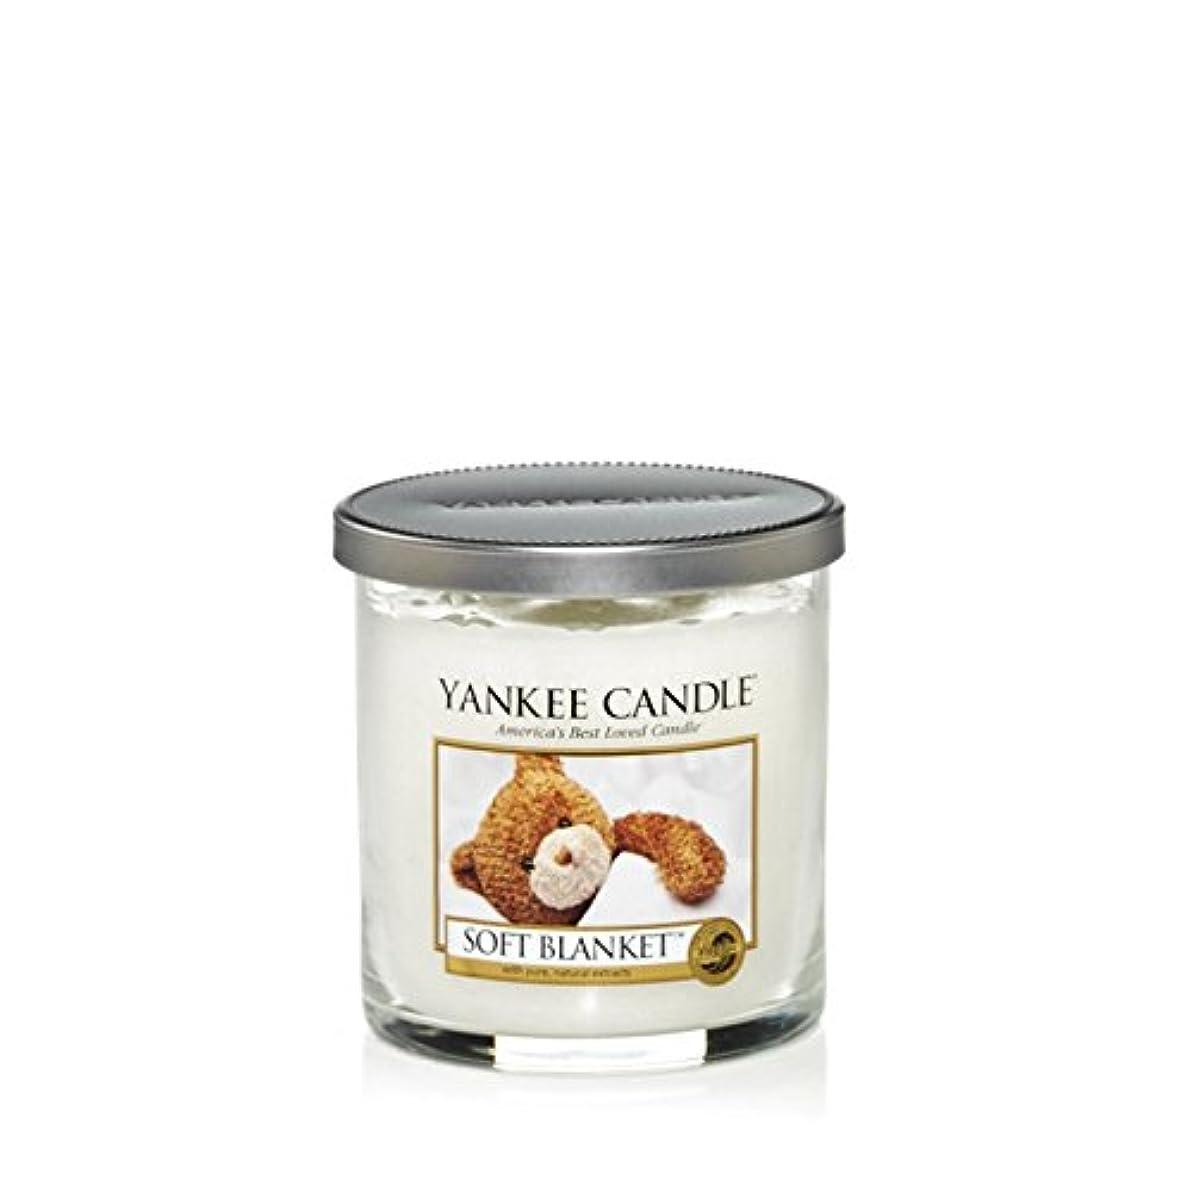 精神医学苛性ソートYankee Candles Small Pillar Candle - Soft Blanket (Pack of 6) - ヤンキーキャンドルの小さな柱キャンドル - ソフト毛布 (x6) [並行輸入品]